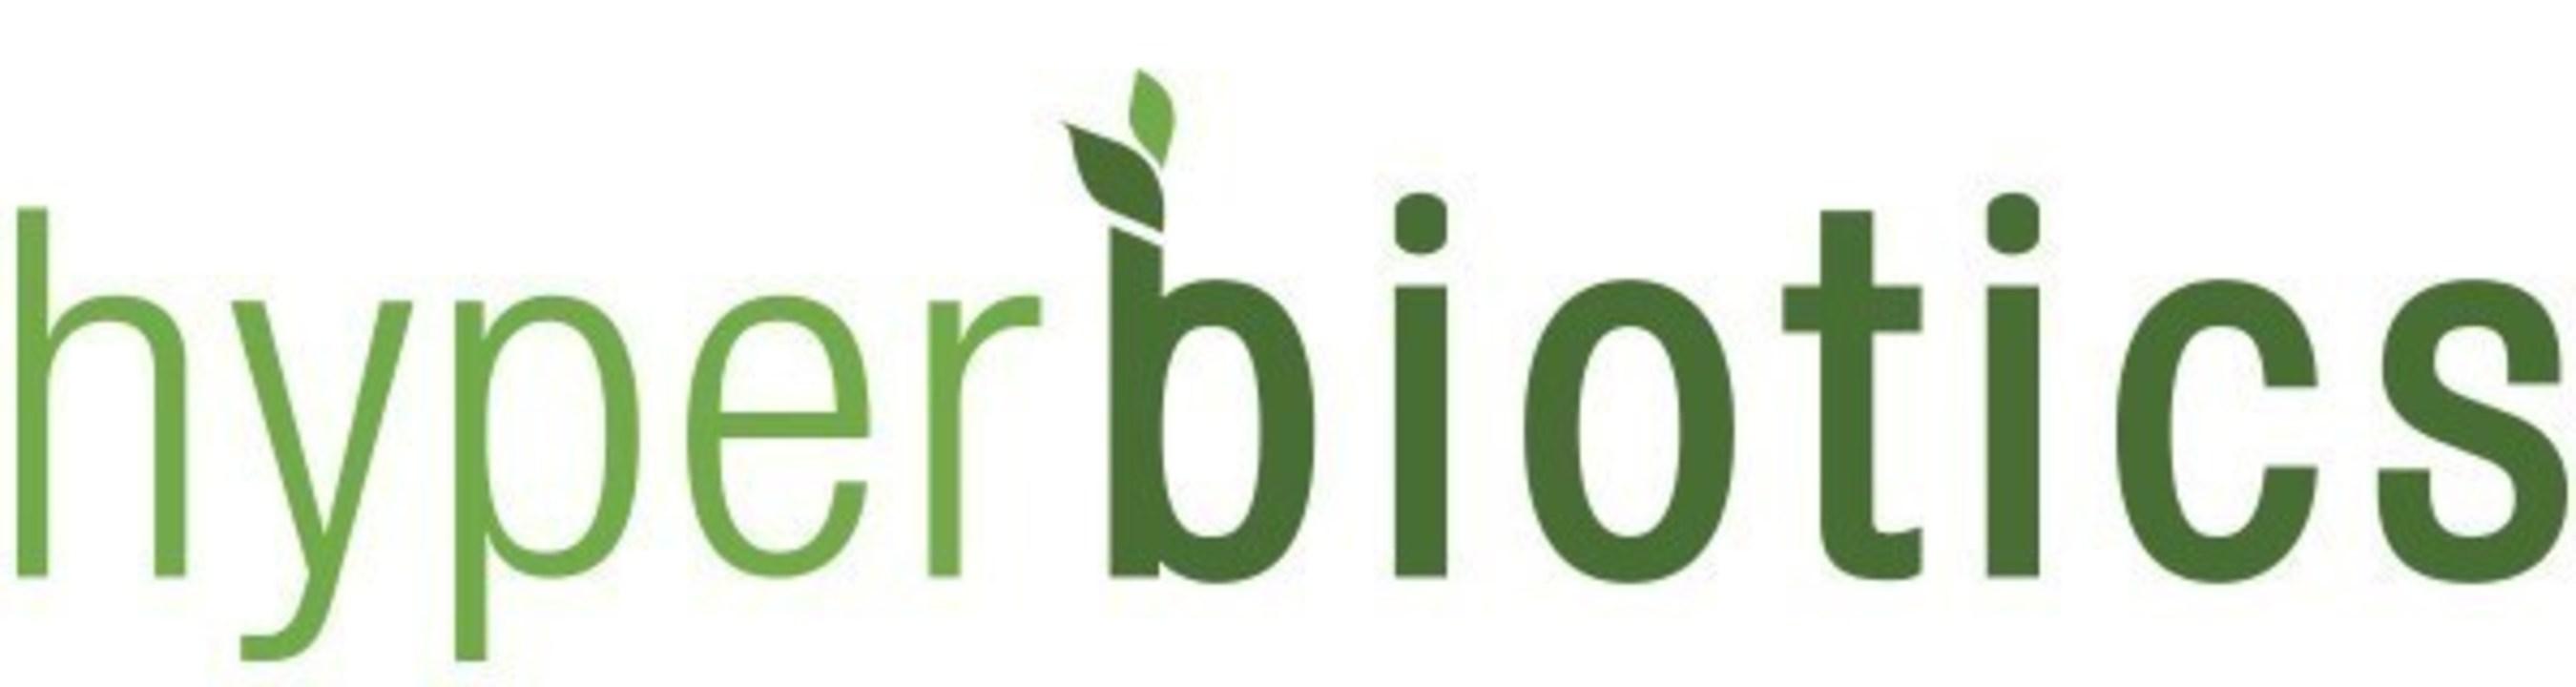 Hyperbiotics logo